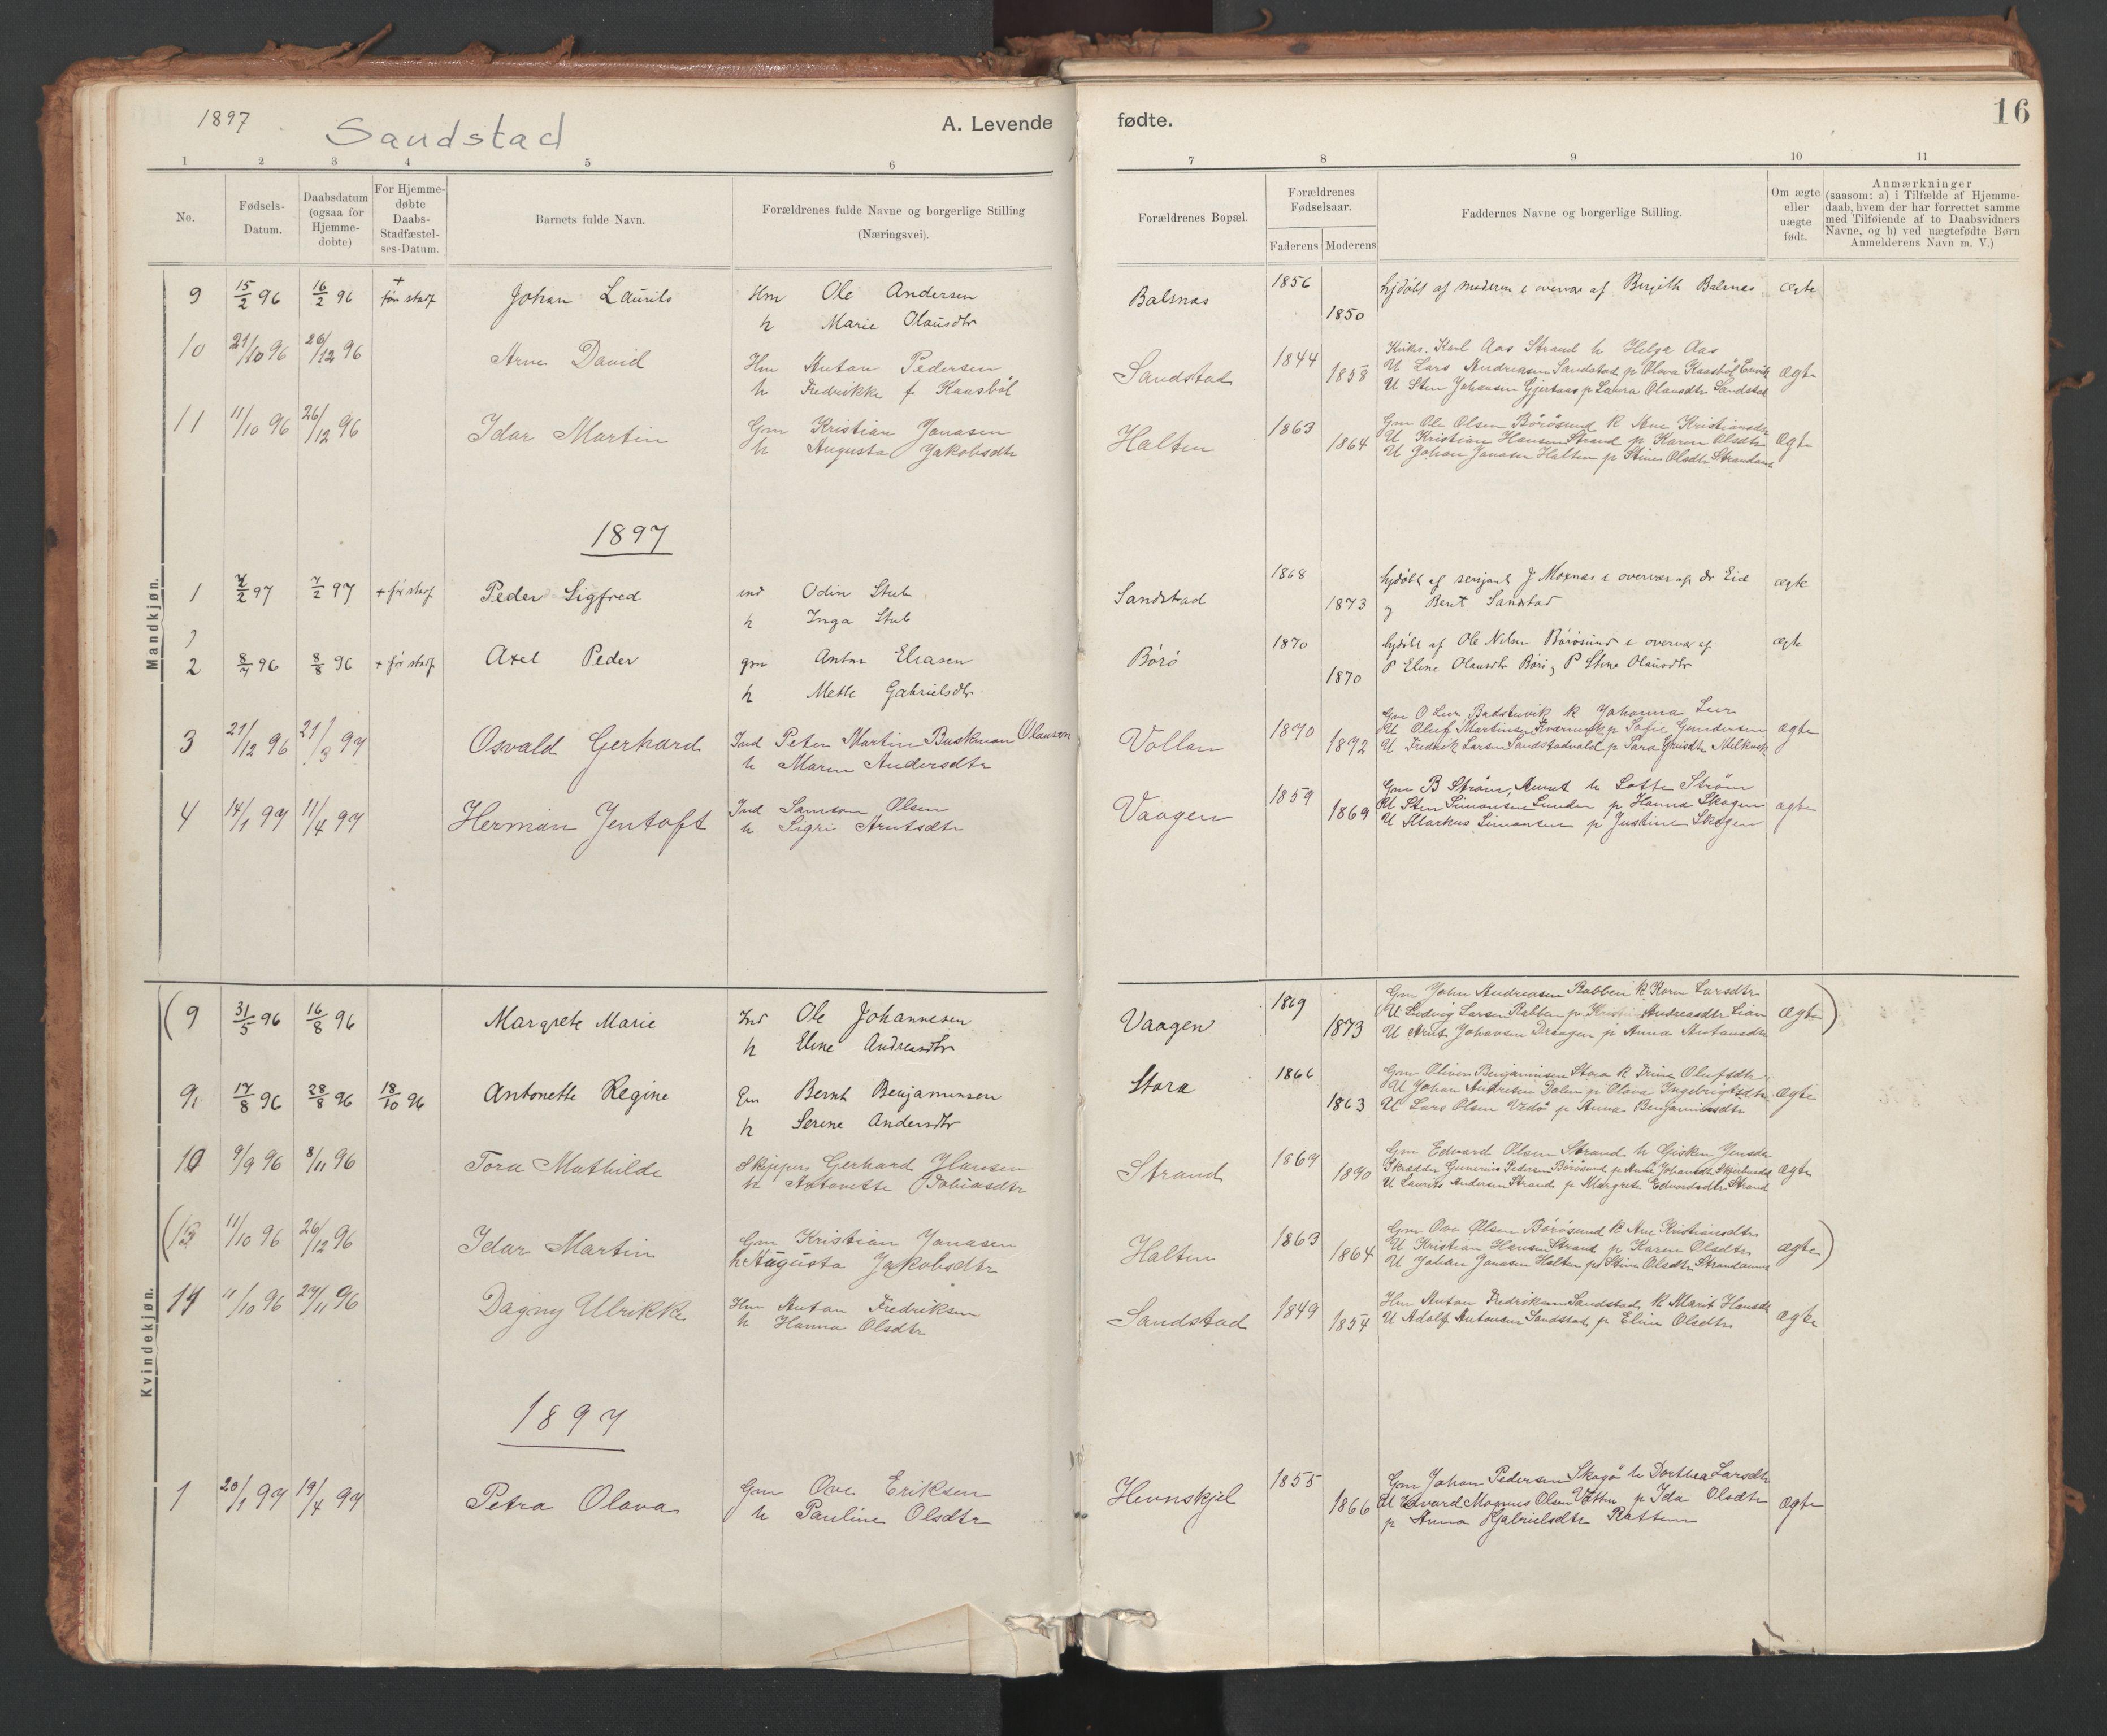 SAT, Ministerialprotokoller, klokkerbøker og fødselsregistre - Sør-Trøndelag, 639/L0572: Ministerialbok nr. 639A01, 1890-1920, s. 16